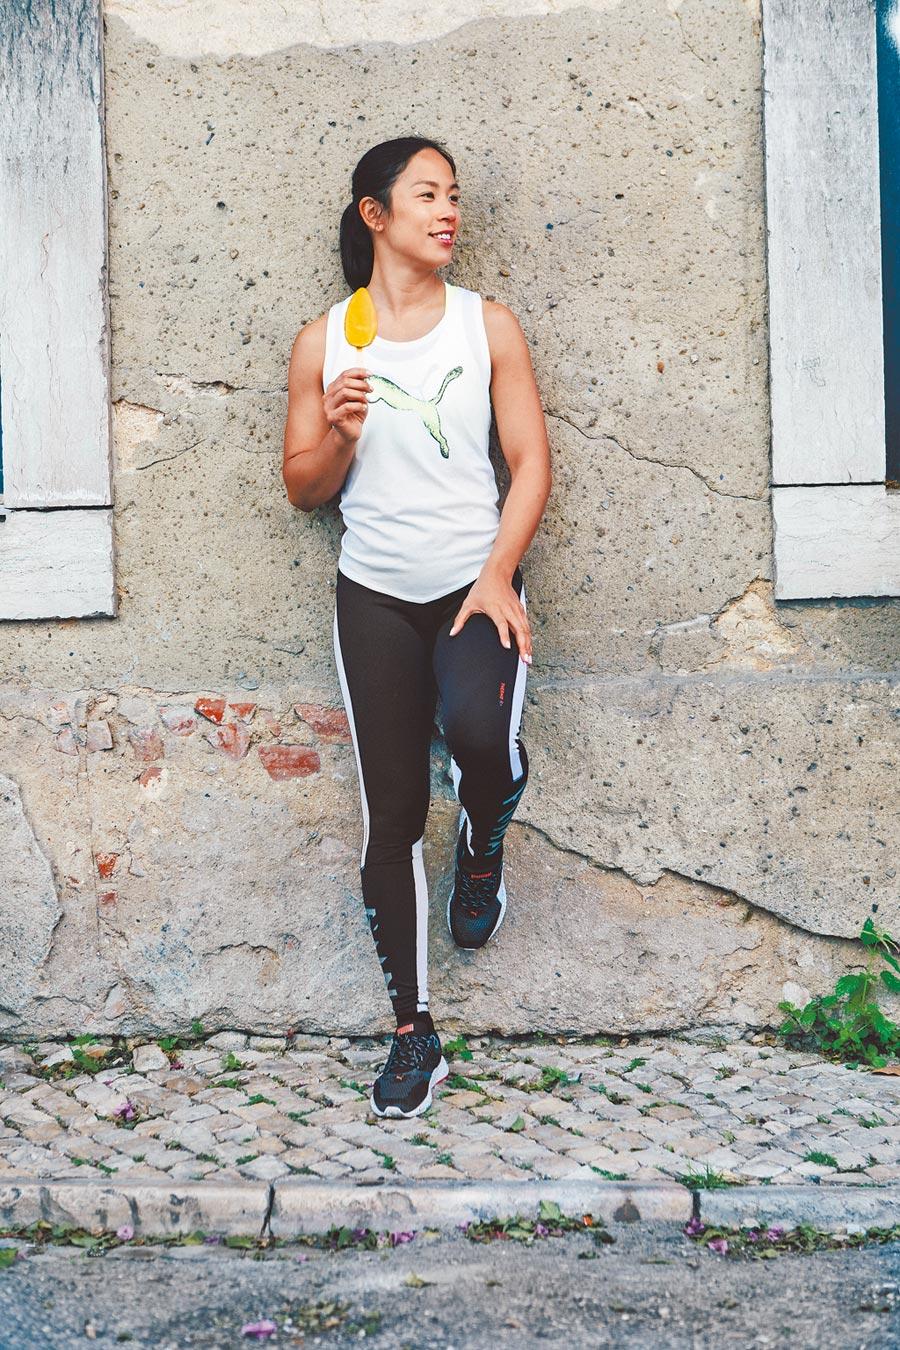 消费者于7月1日至7月31日,购买PUMA HYBRID系列指定鞋款,可享无条件30天内不满意换货。